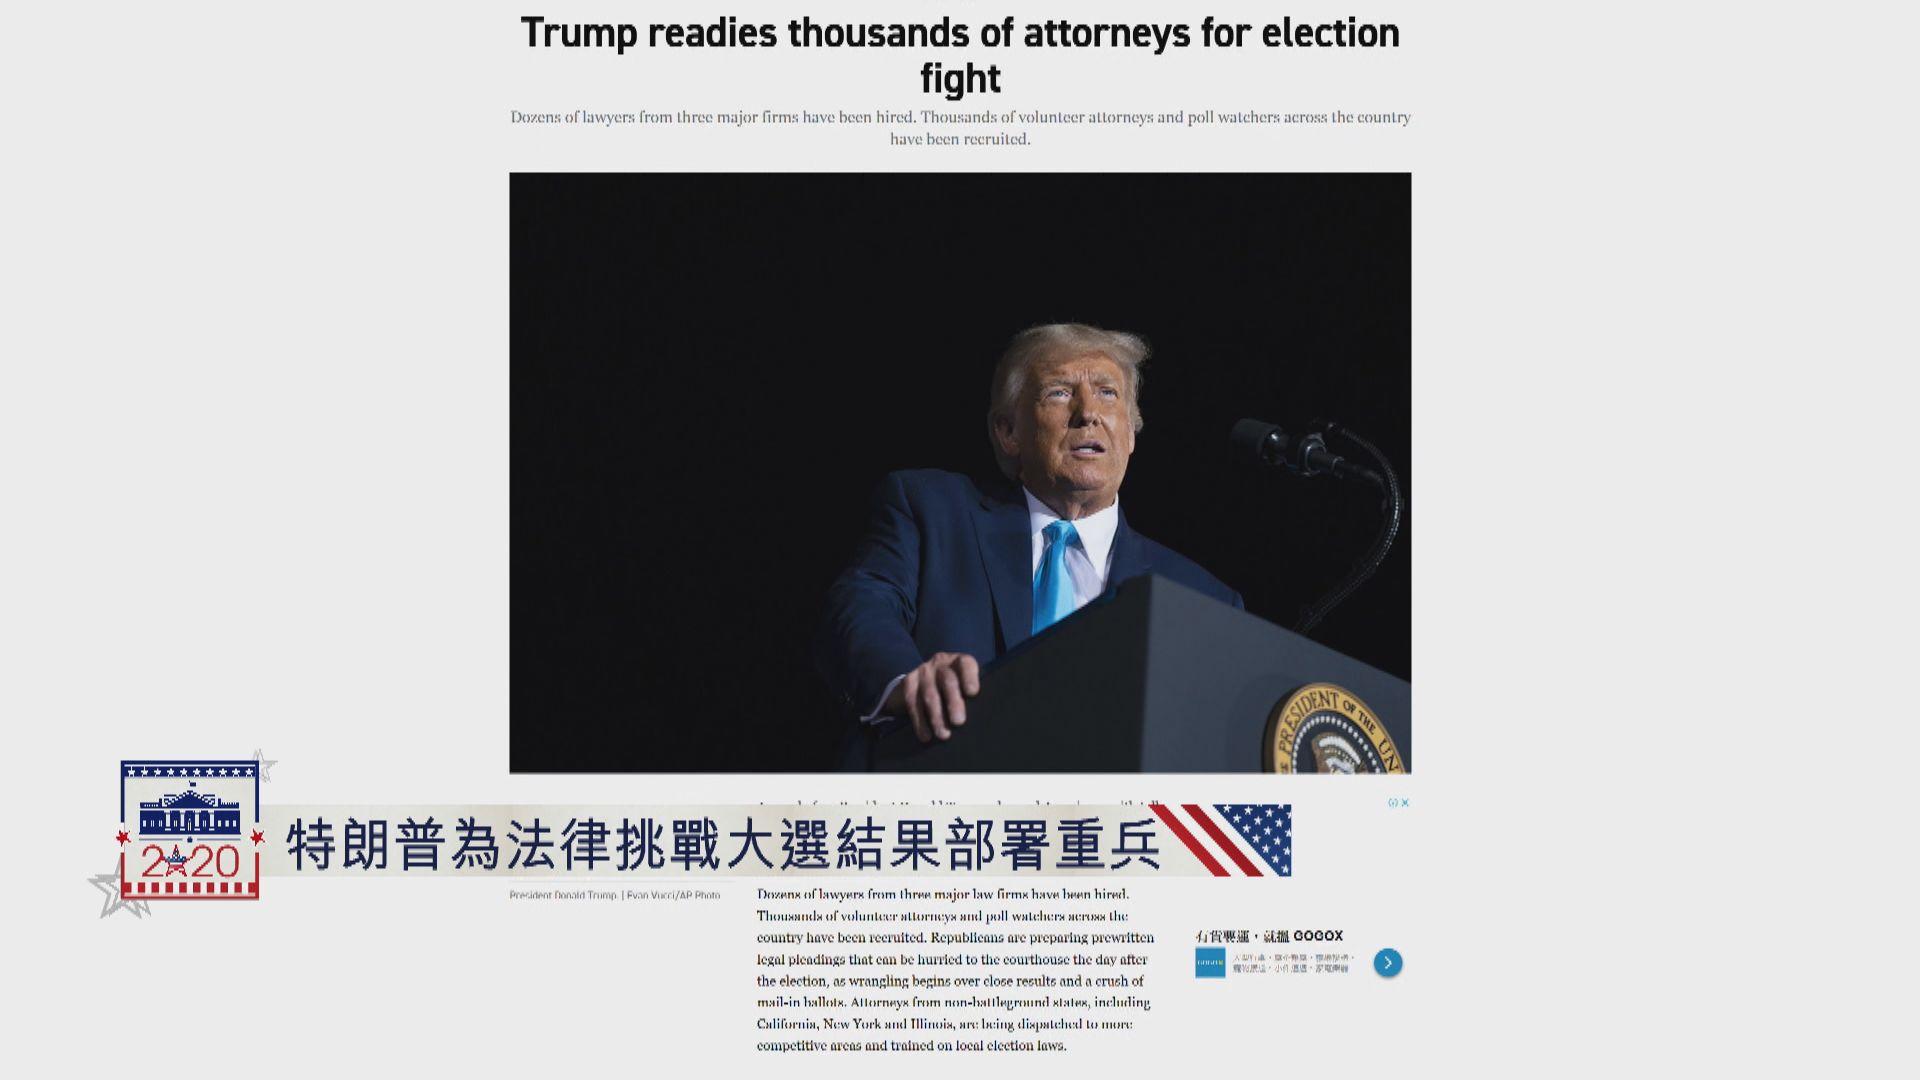 特朗普為法律挑戰大選結果部署重兵